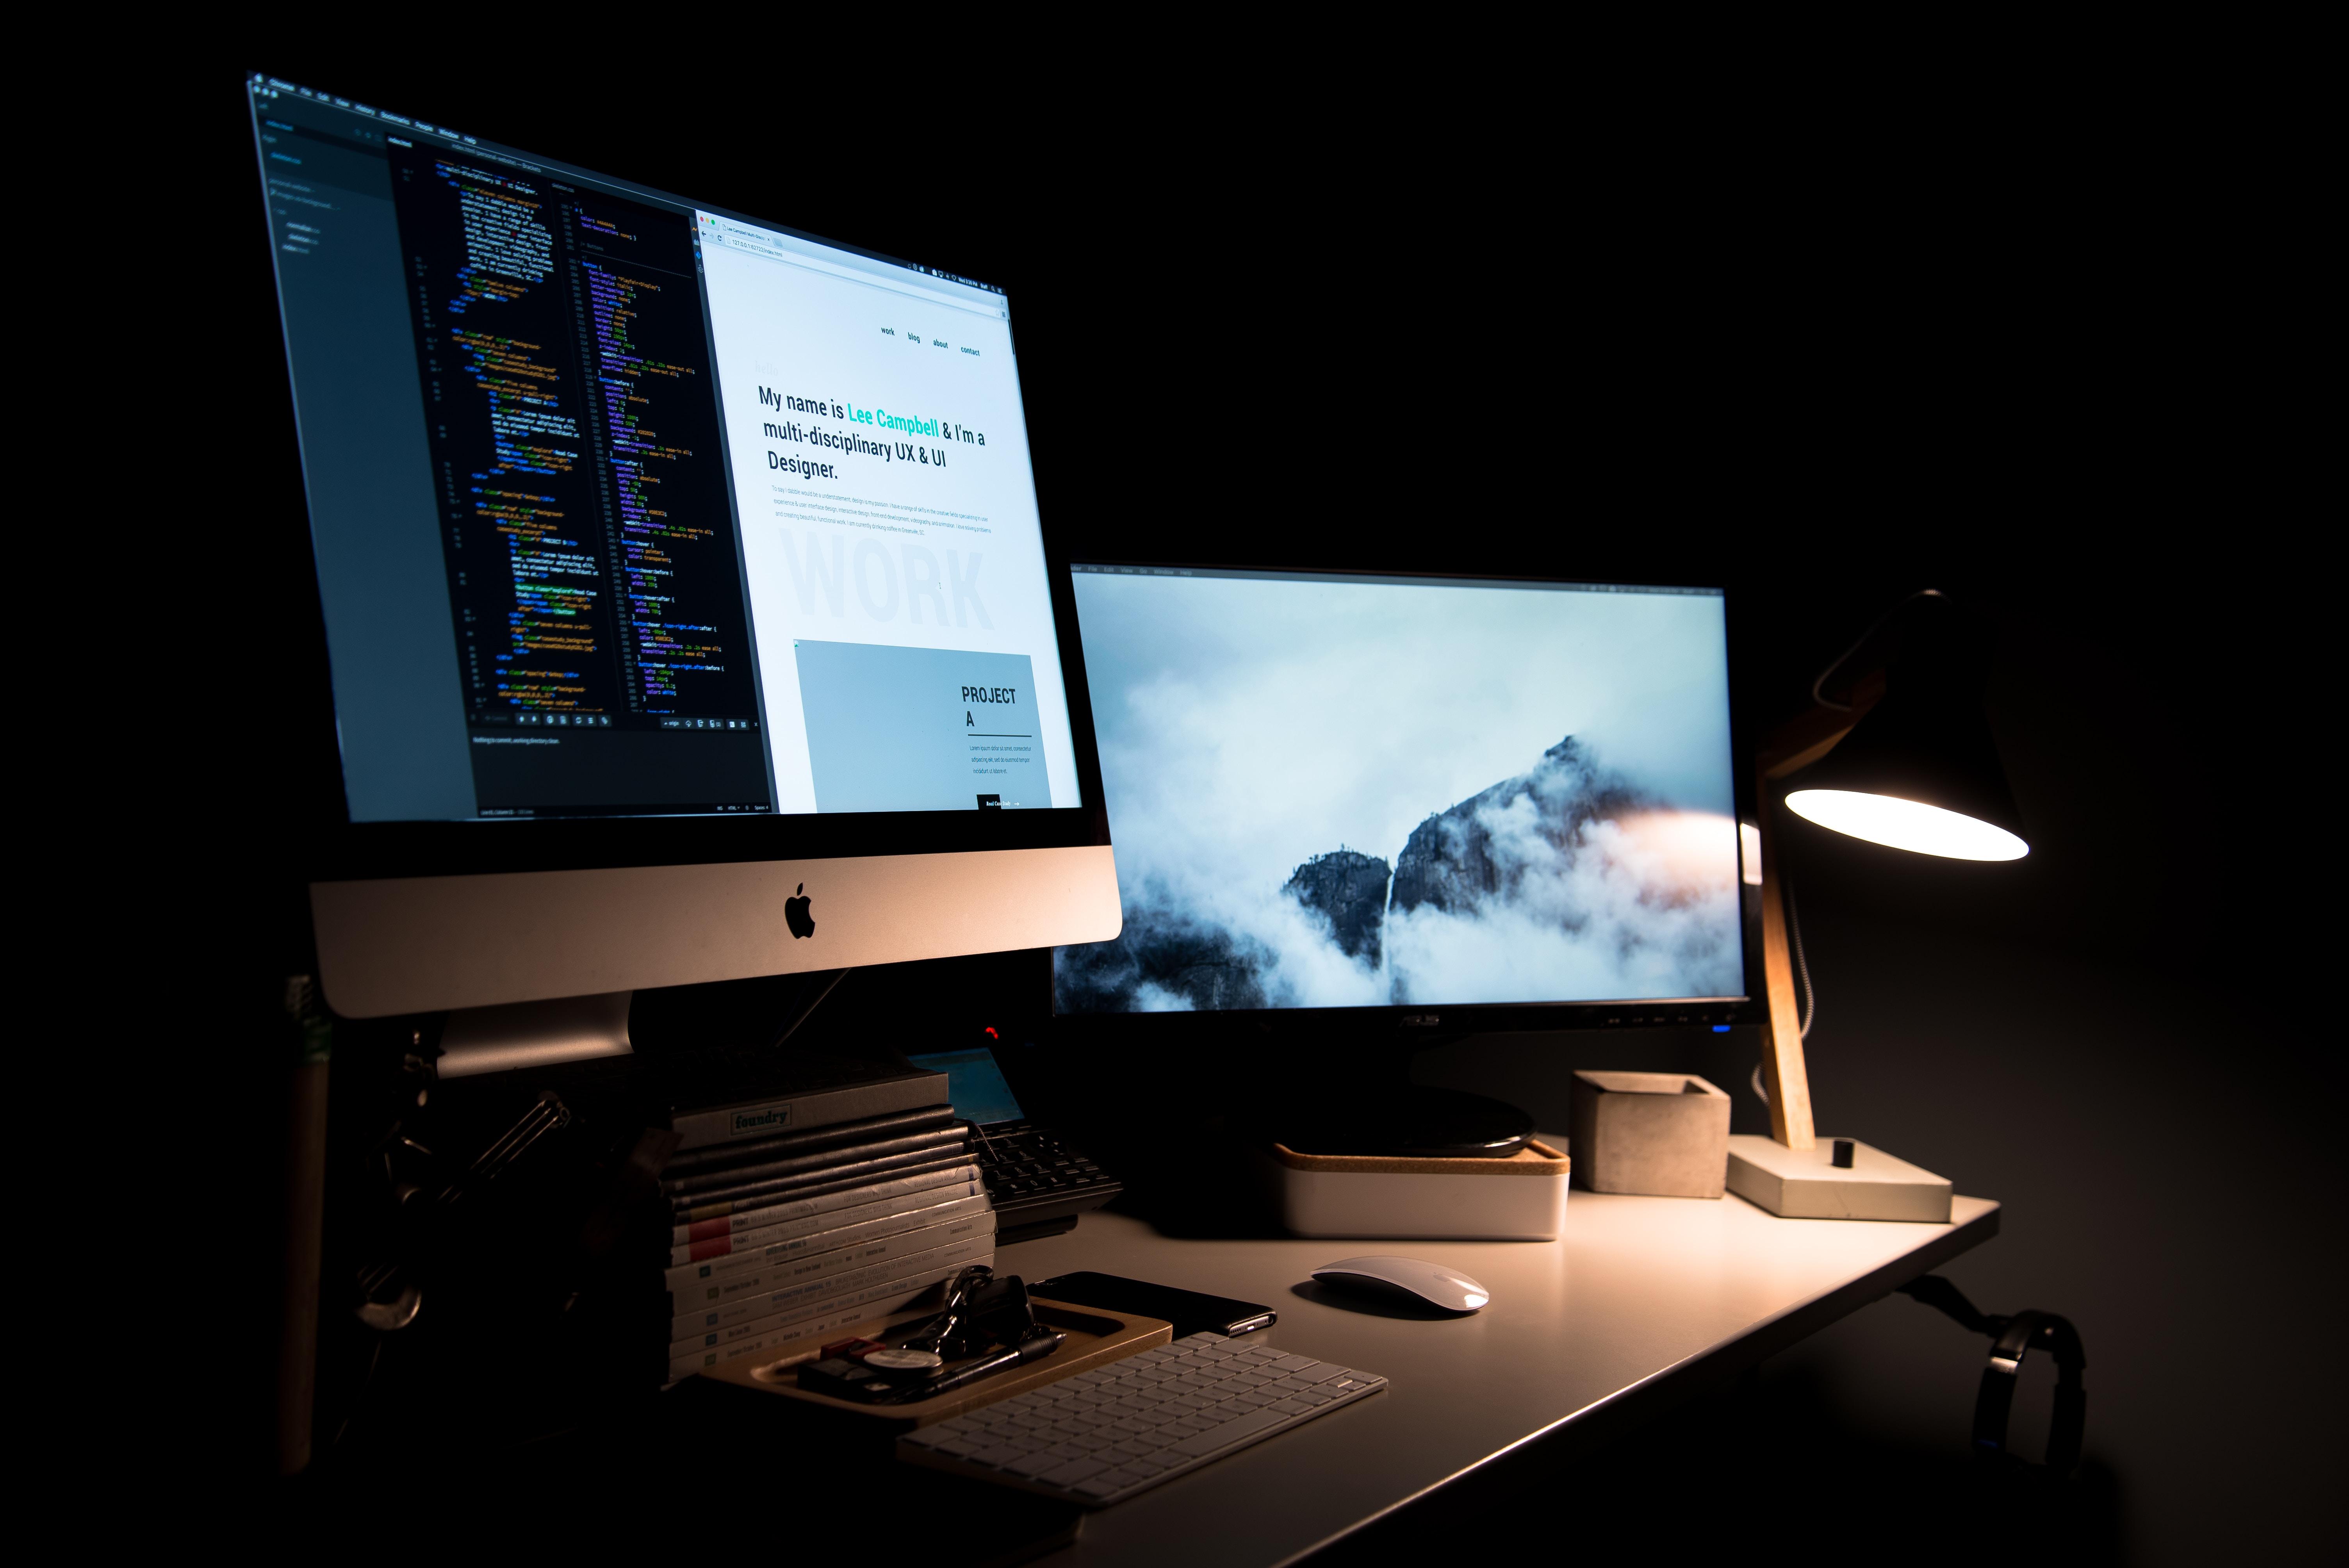 diventare-web-designer-da-zero-il-corso-completo-1572949372668.jpg